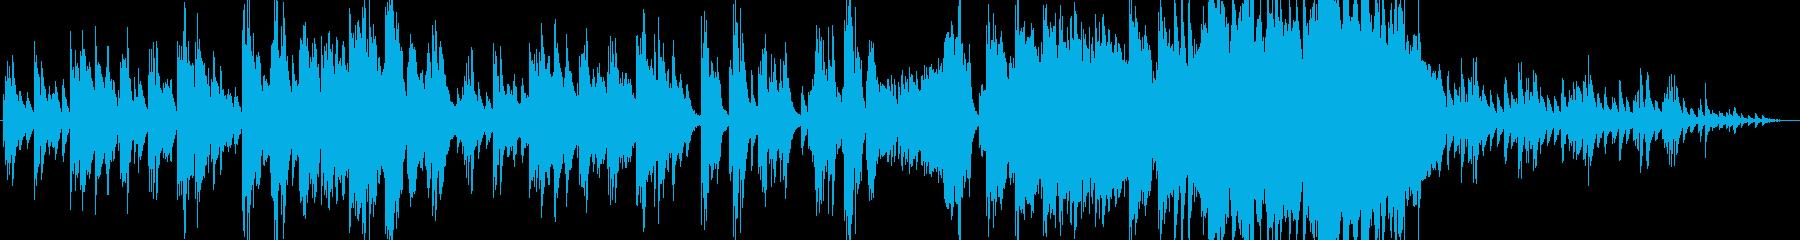 哀しげなピアノサウンドの再生済みの波形